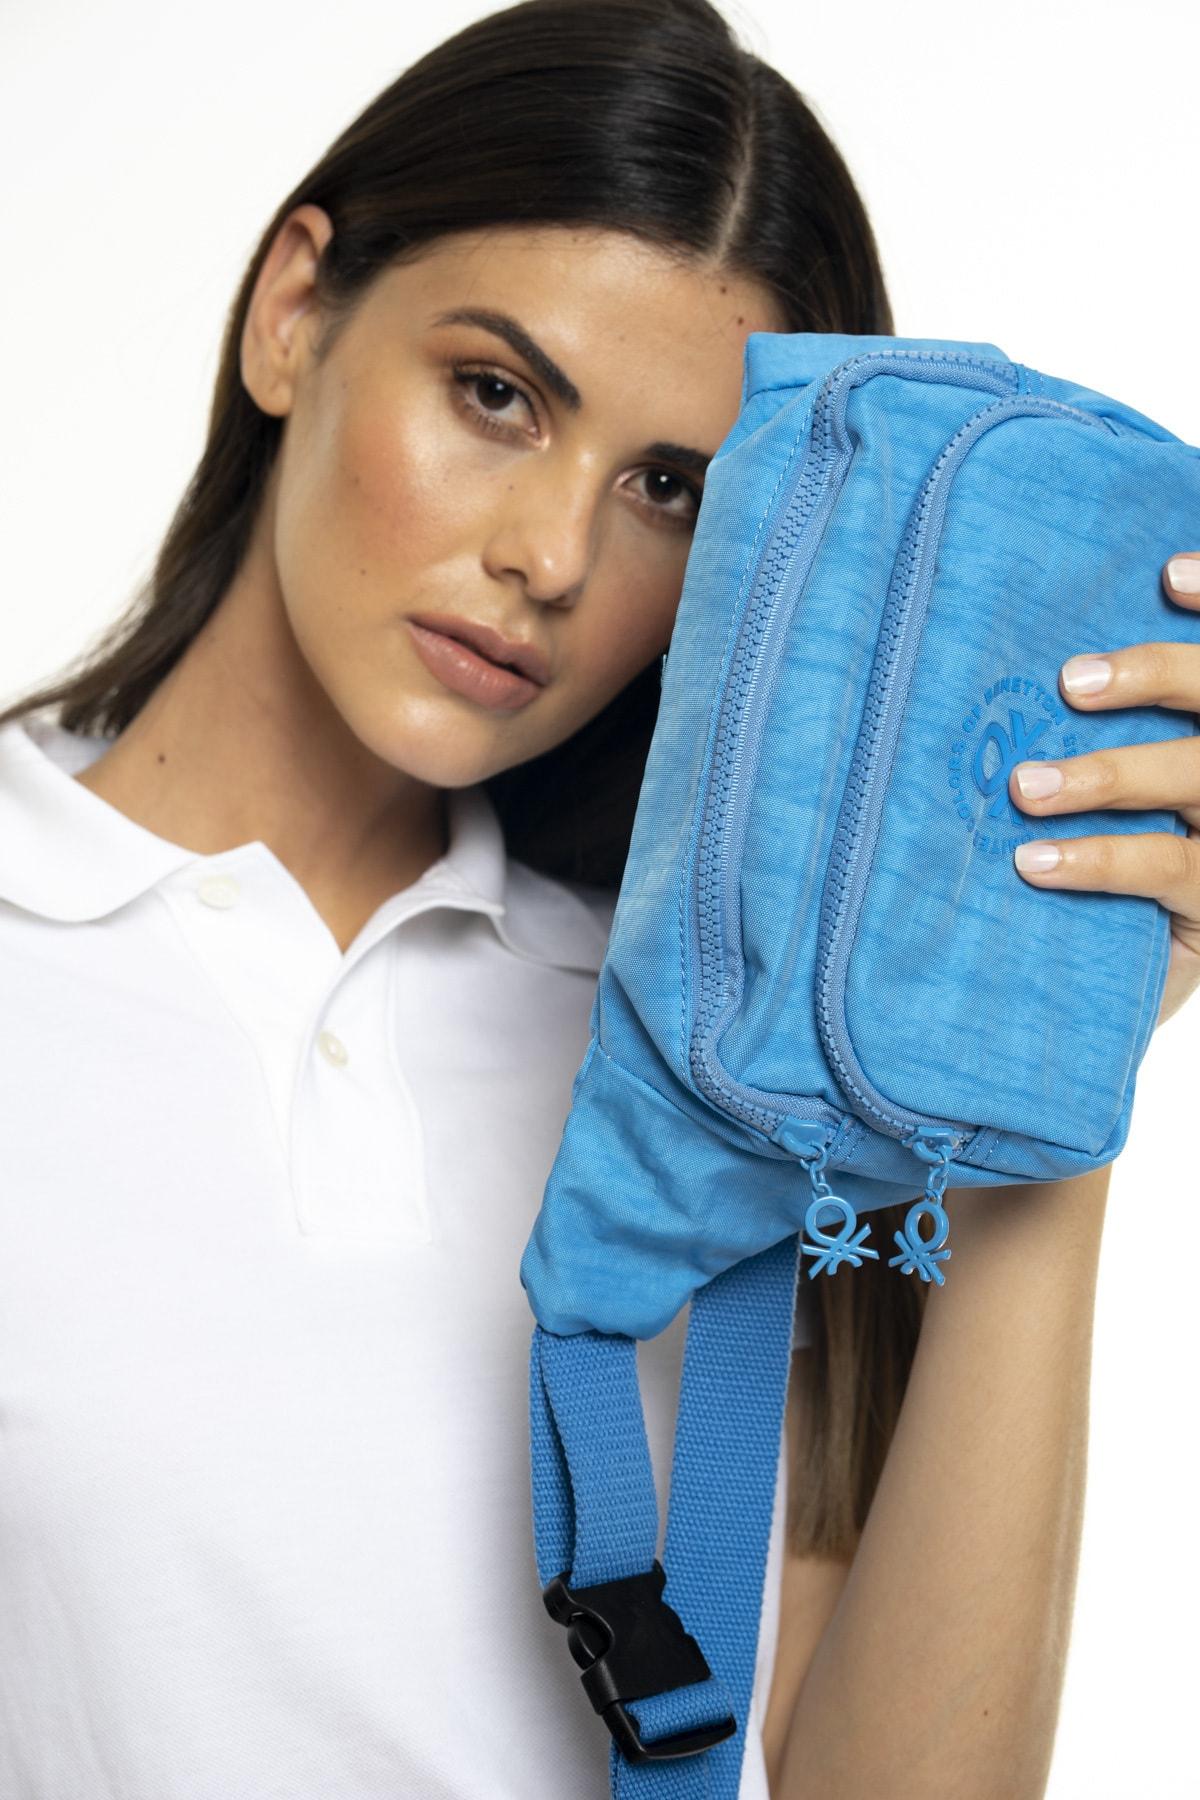 United Colors of Benetton Kadın Mavi Bel Çantası Mavi Bnt231 1